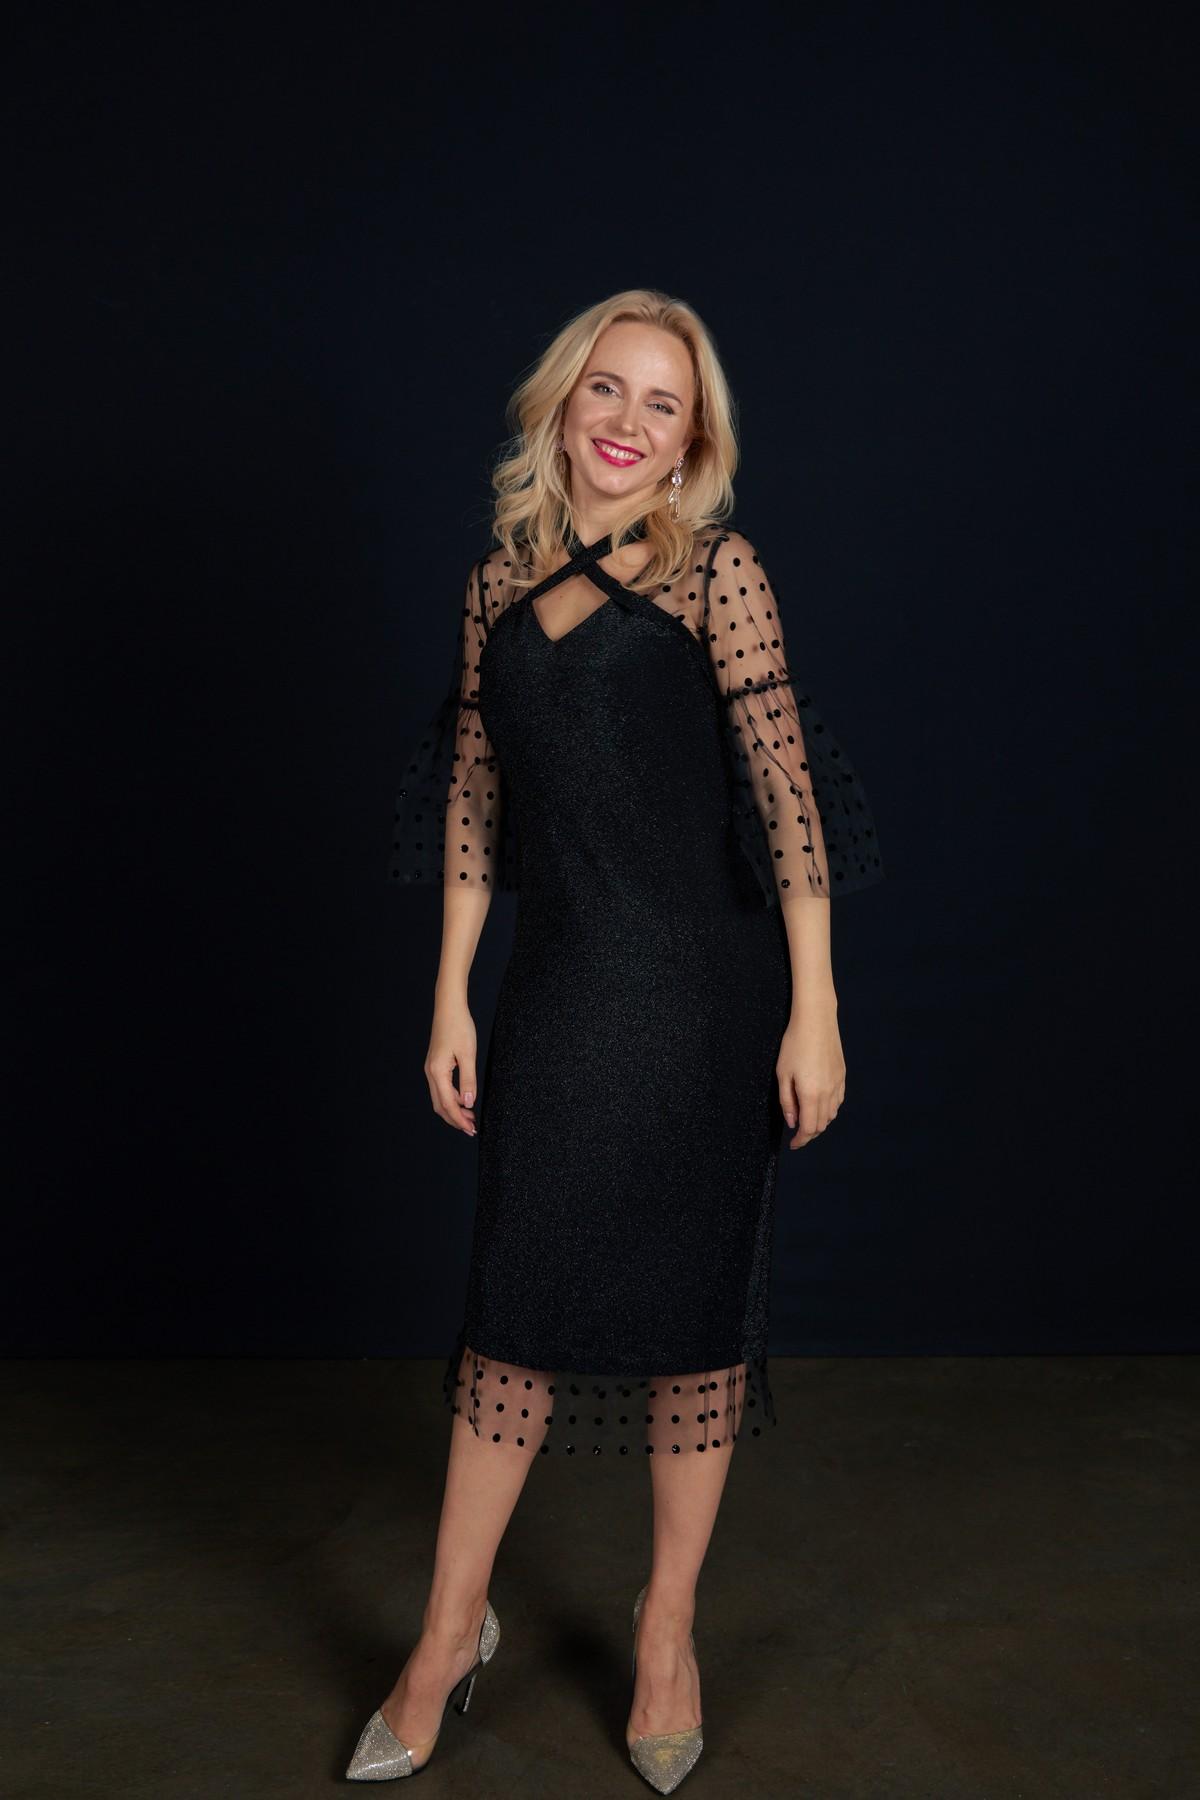 Украинский бренд Solh производитель женской одежды с интересными инновационными и коллаборациями